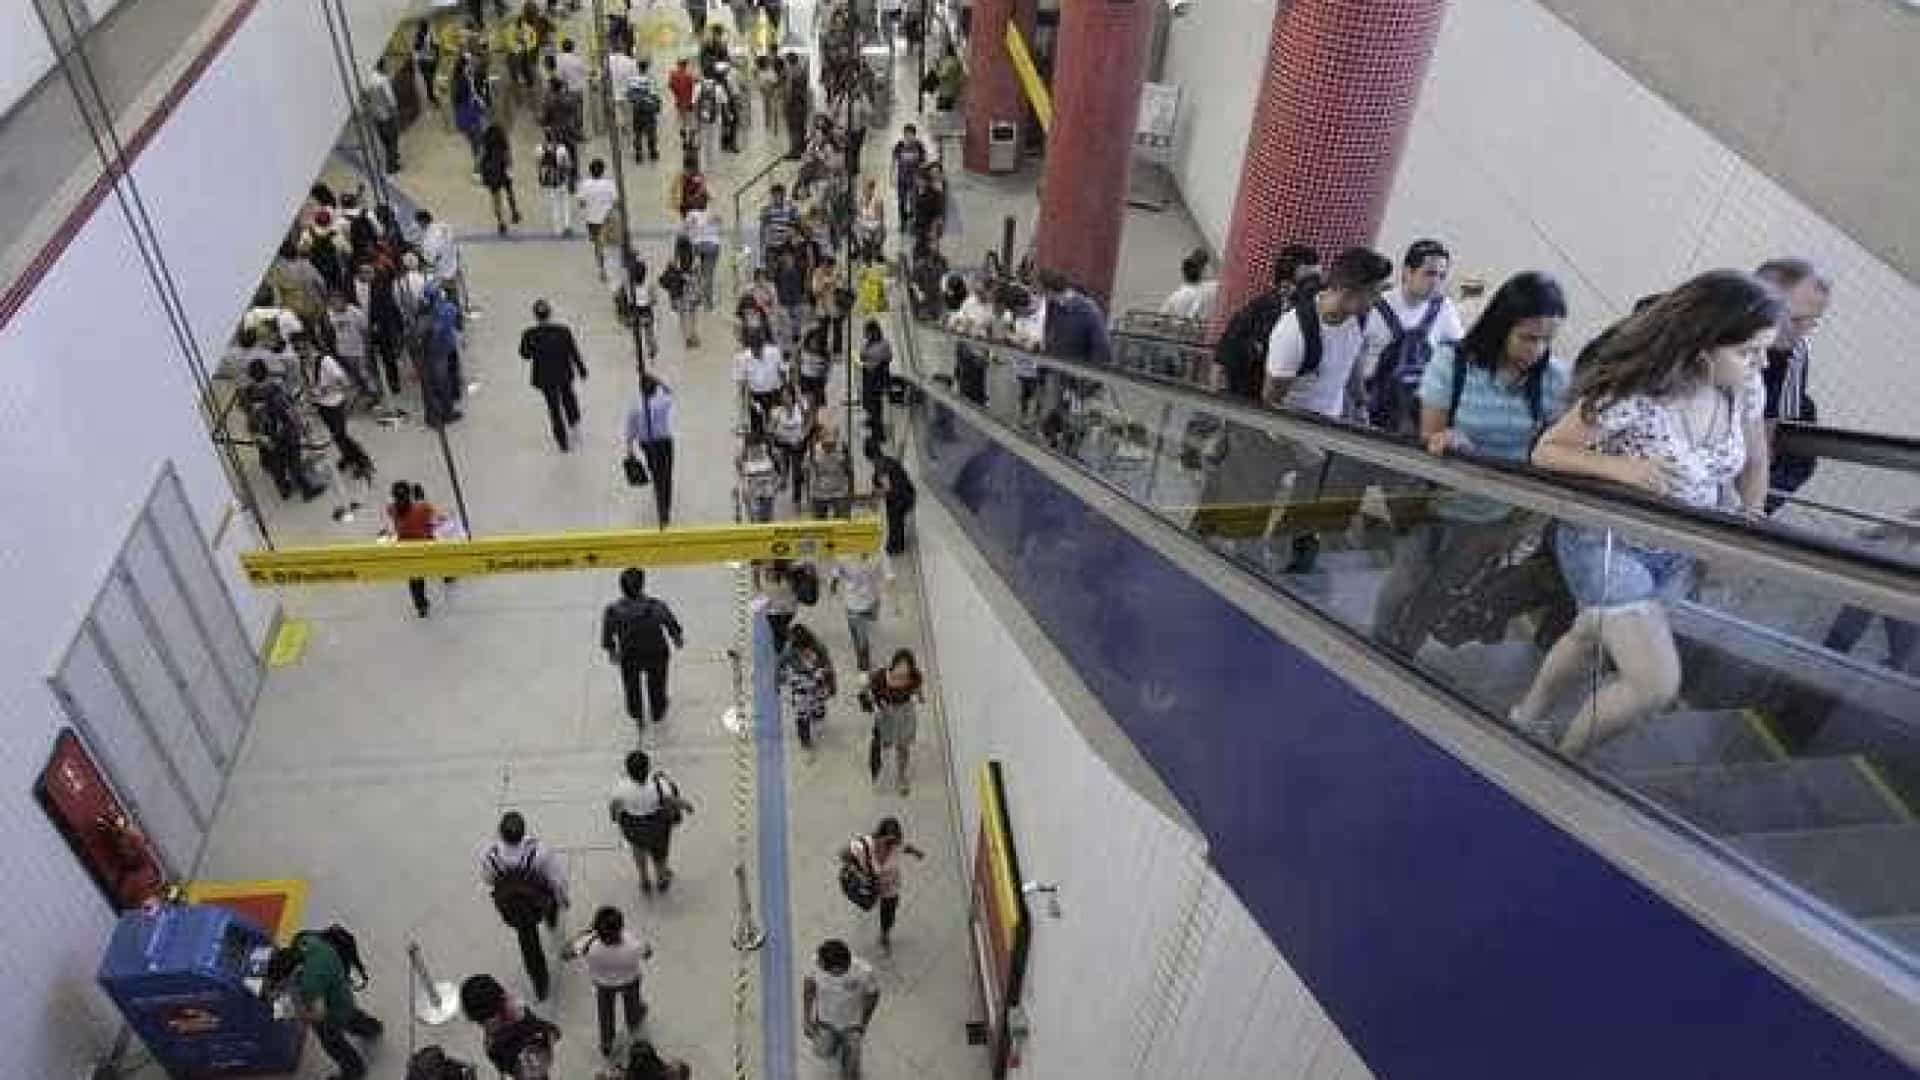 Metrô de São Paulo vai reintegrar funcionários demitidos durante greve